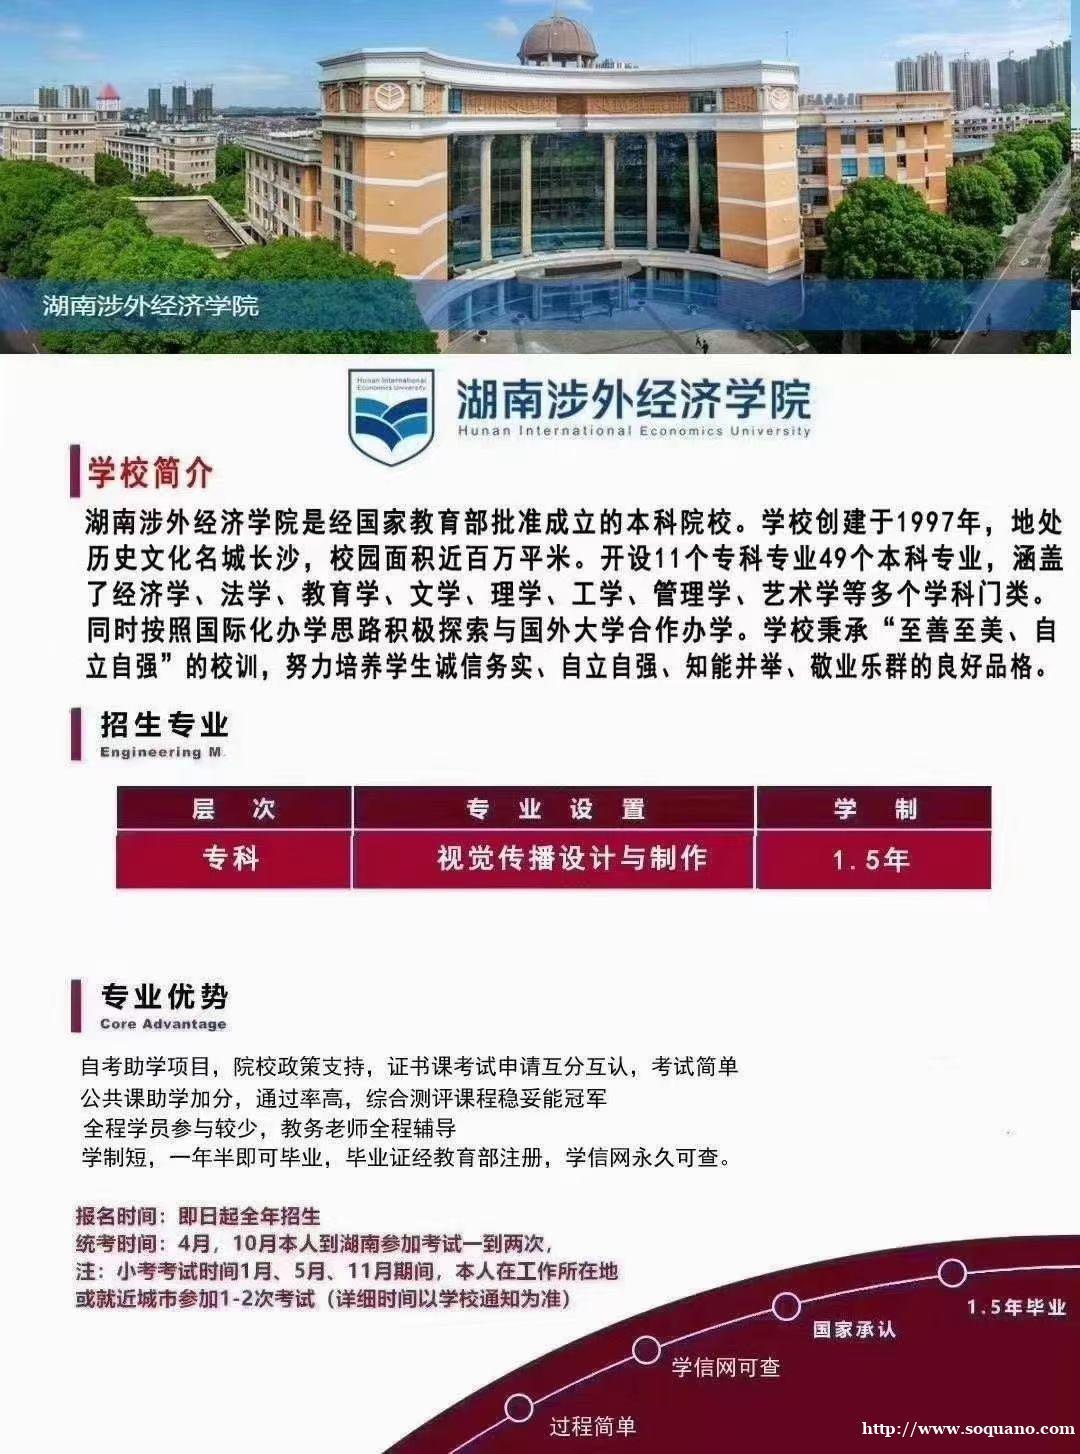 湖南涉外经济学院自考大专统考哪两科助学力度大吗